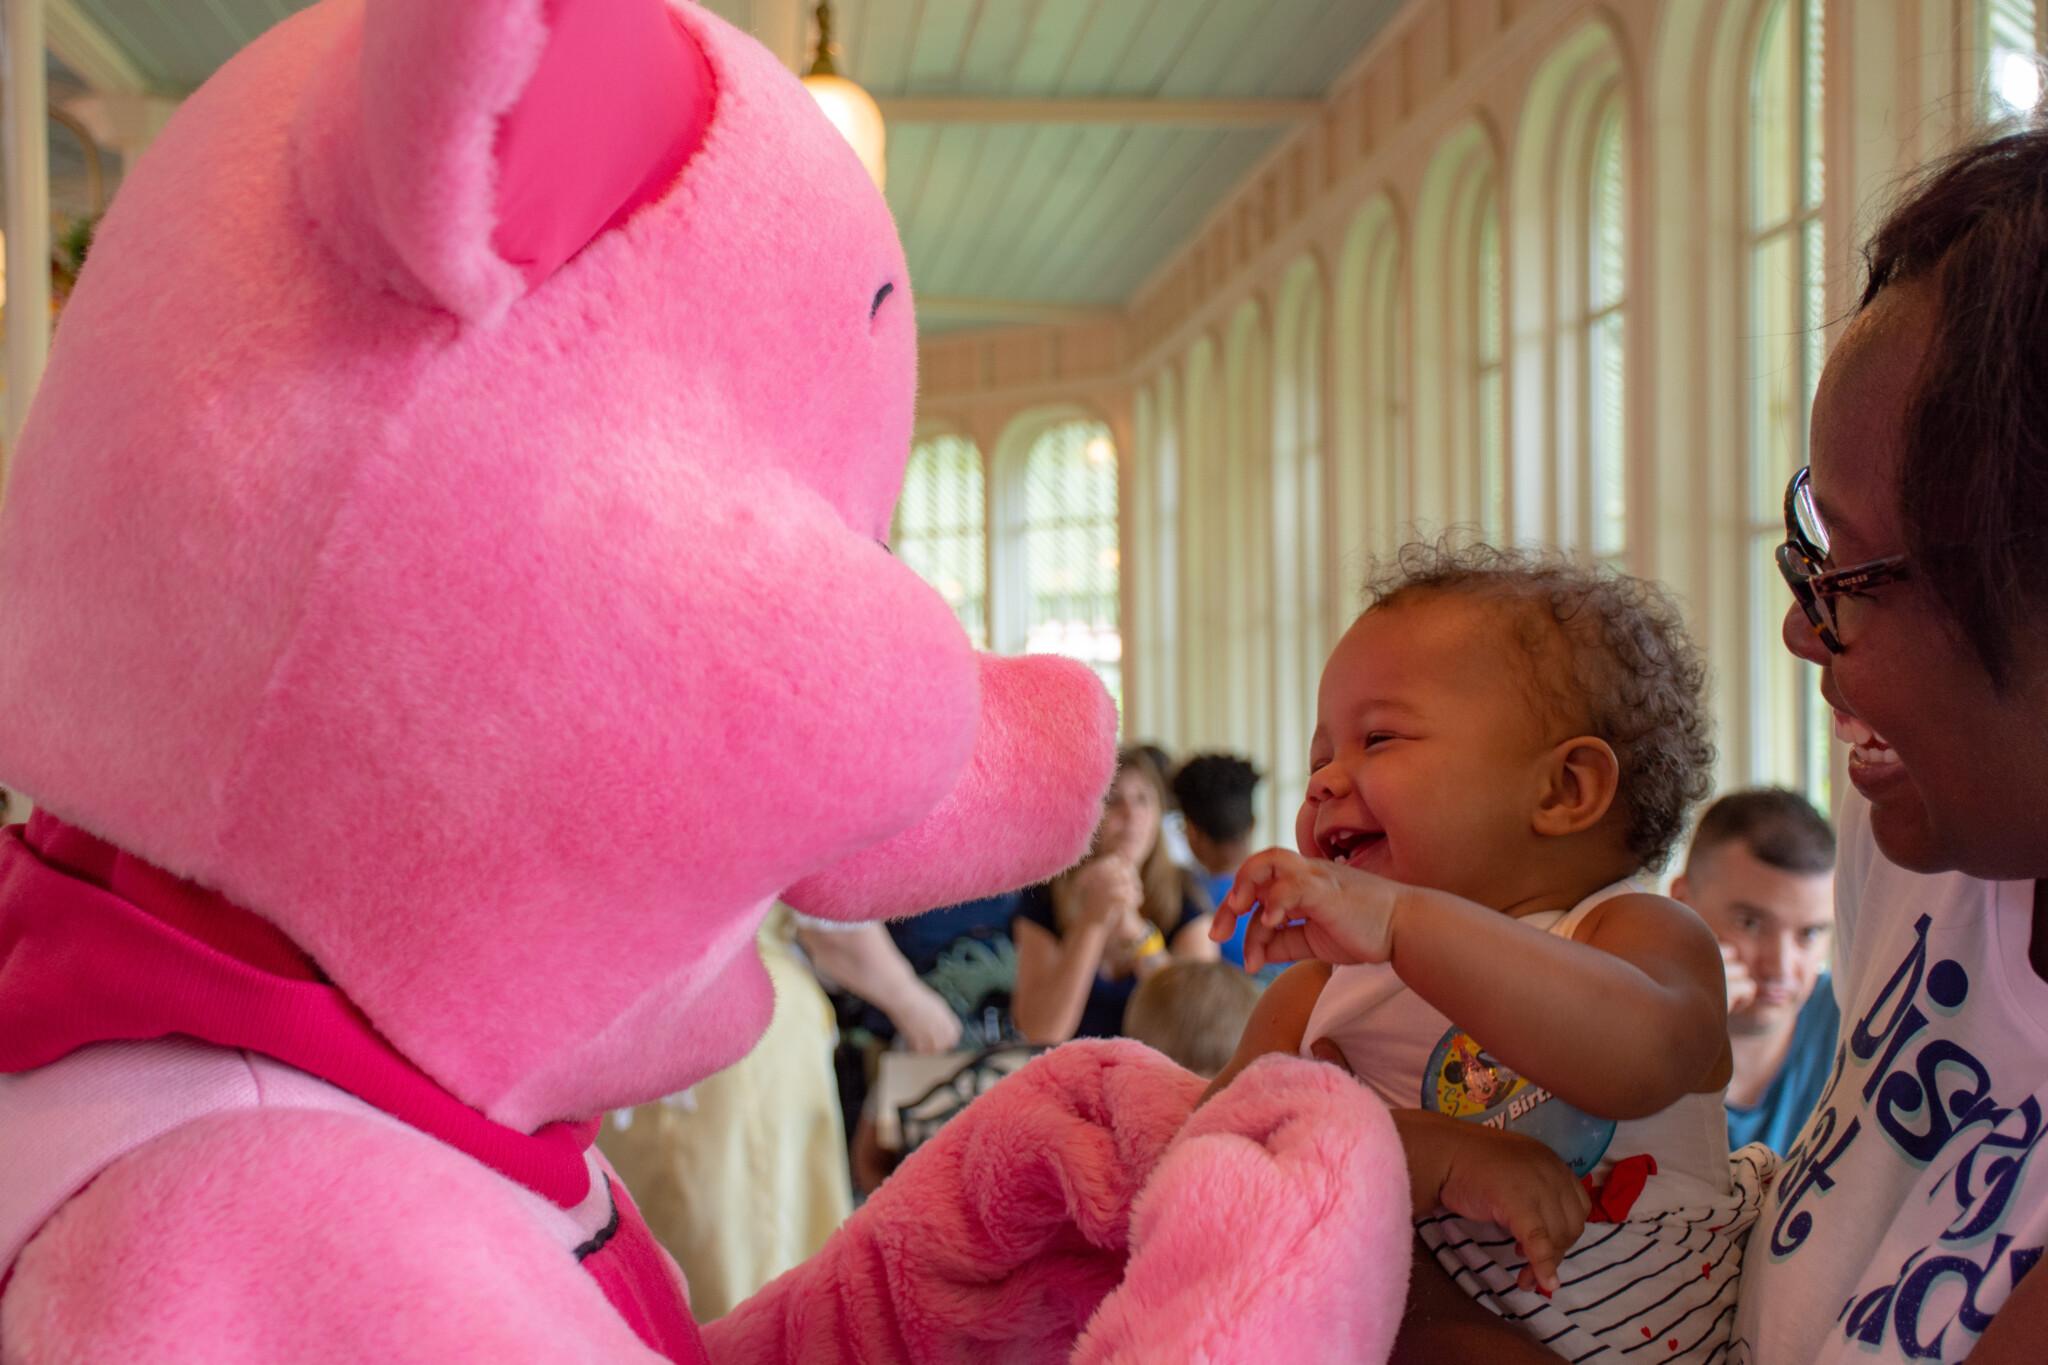 2 semaines en Floride avec un bébé de 1 an - Séjour du 2 au 16 mai 2019 DCL + WDW - Page 15 DSC_8006-2048x1365